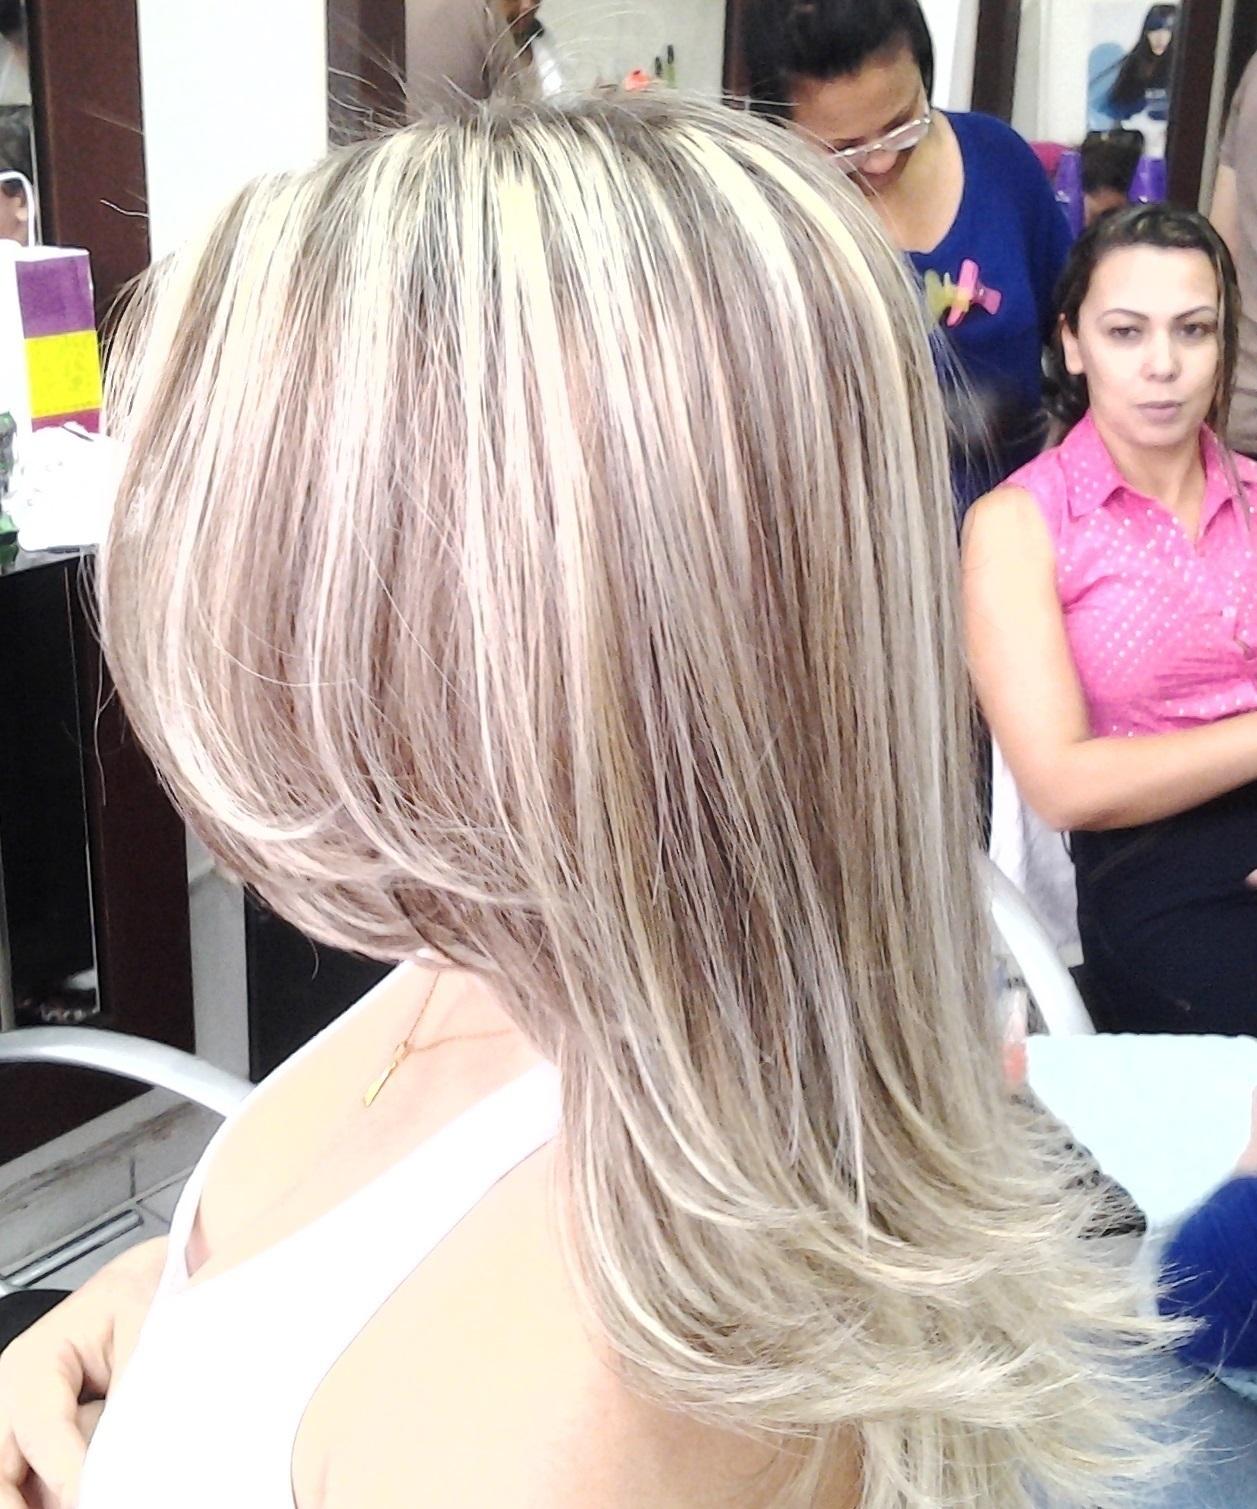 mechas corte e escova  obs:tirando o amarelo com mechas cabeleireiro(a) massoterapeuta barbeiro(a) aromaterapeuta depilador(a) designer de sobrancelhas esteticista massagista stylist terapeuta visagista docente / professor(a) supervisor(a)